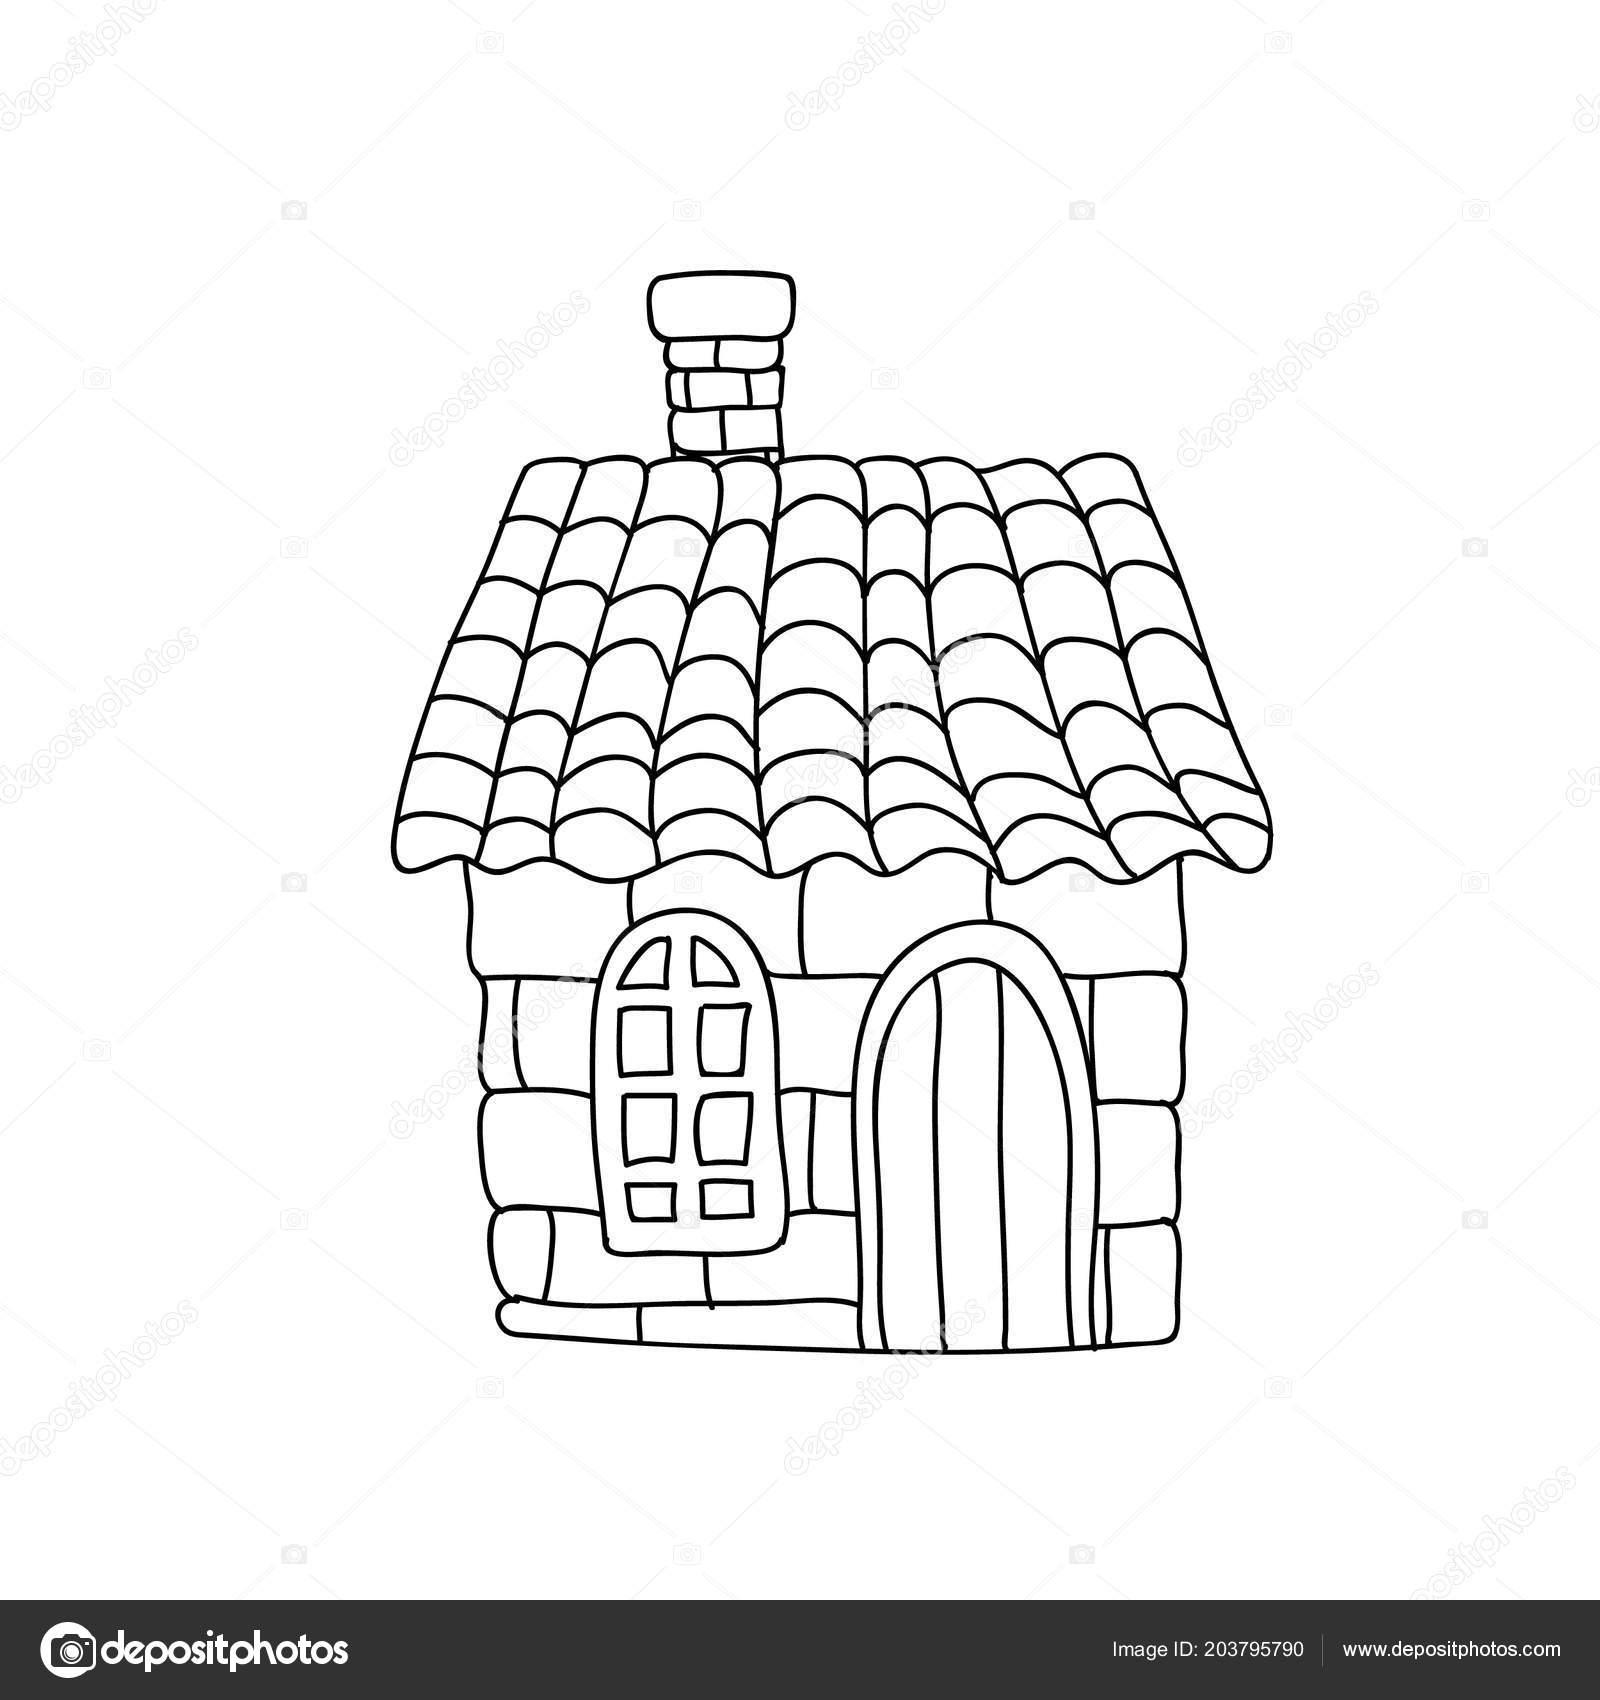 Komik Masal Evi çocuk üzerinde Beyaz Izole Sayfa Boyama Stok Foto